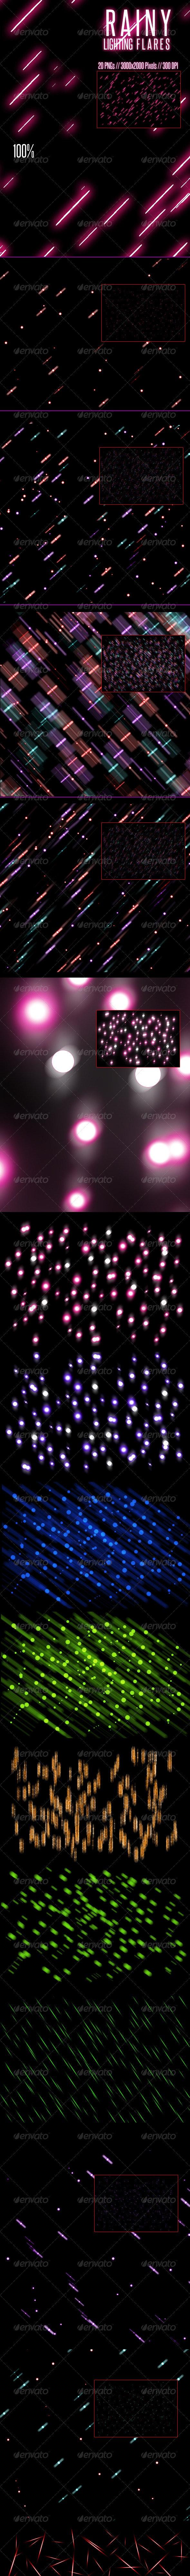 20 Rainy Lighting Flares - Flourishes / Swirls Decorative